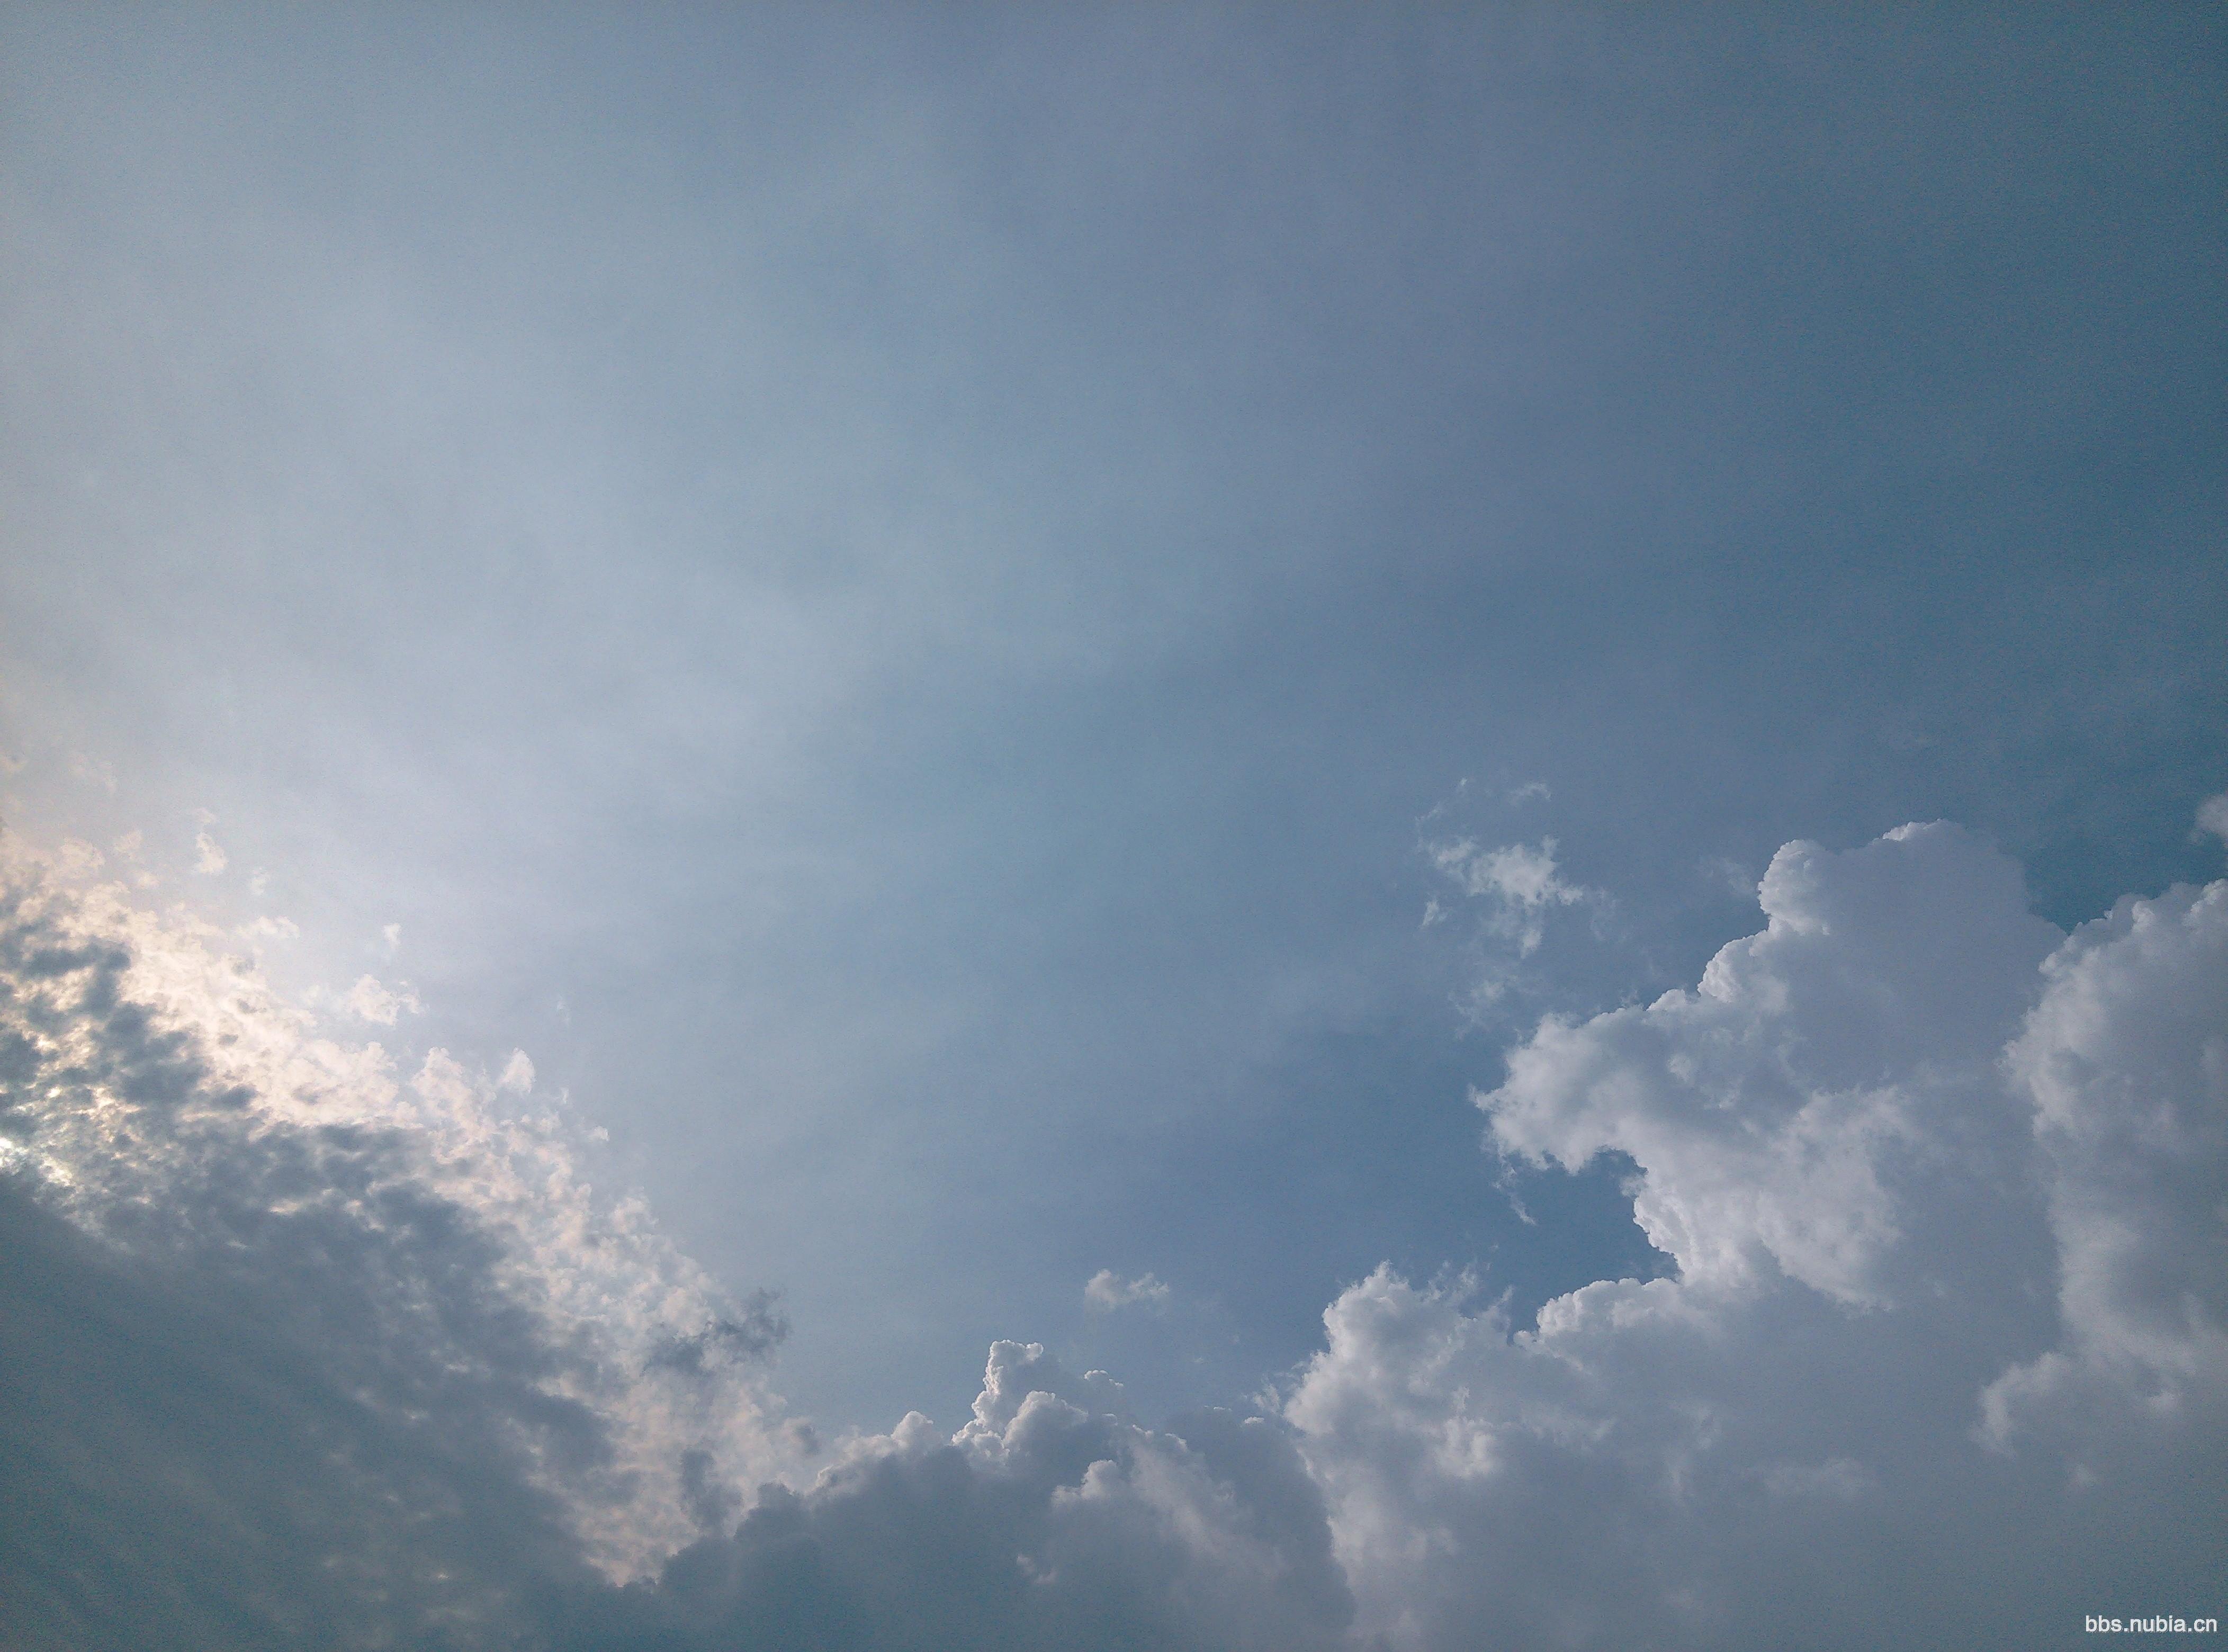 天空 云朵